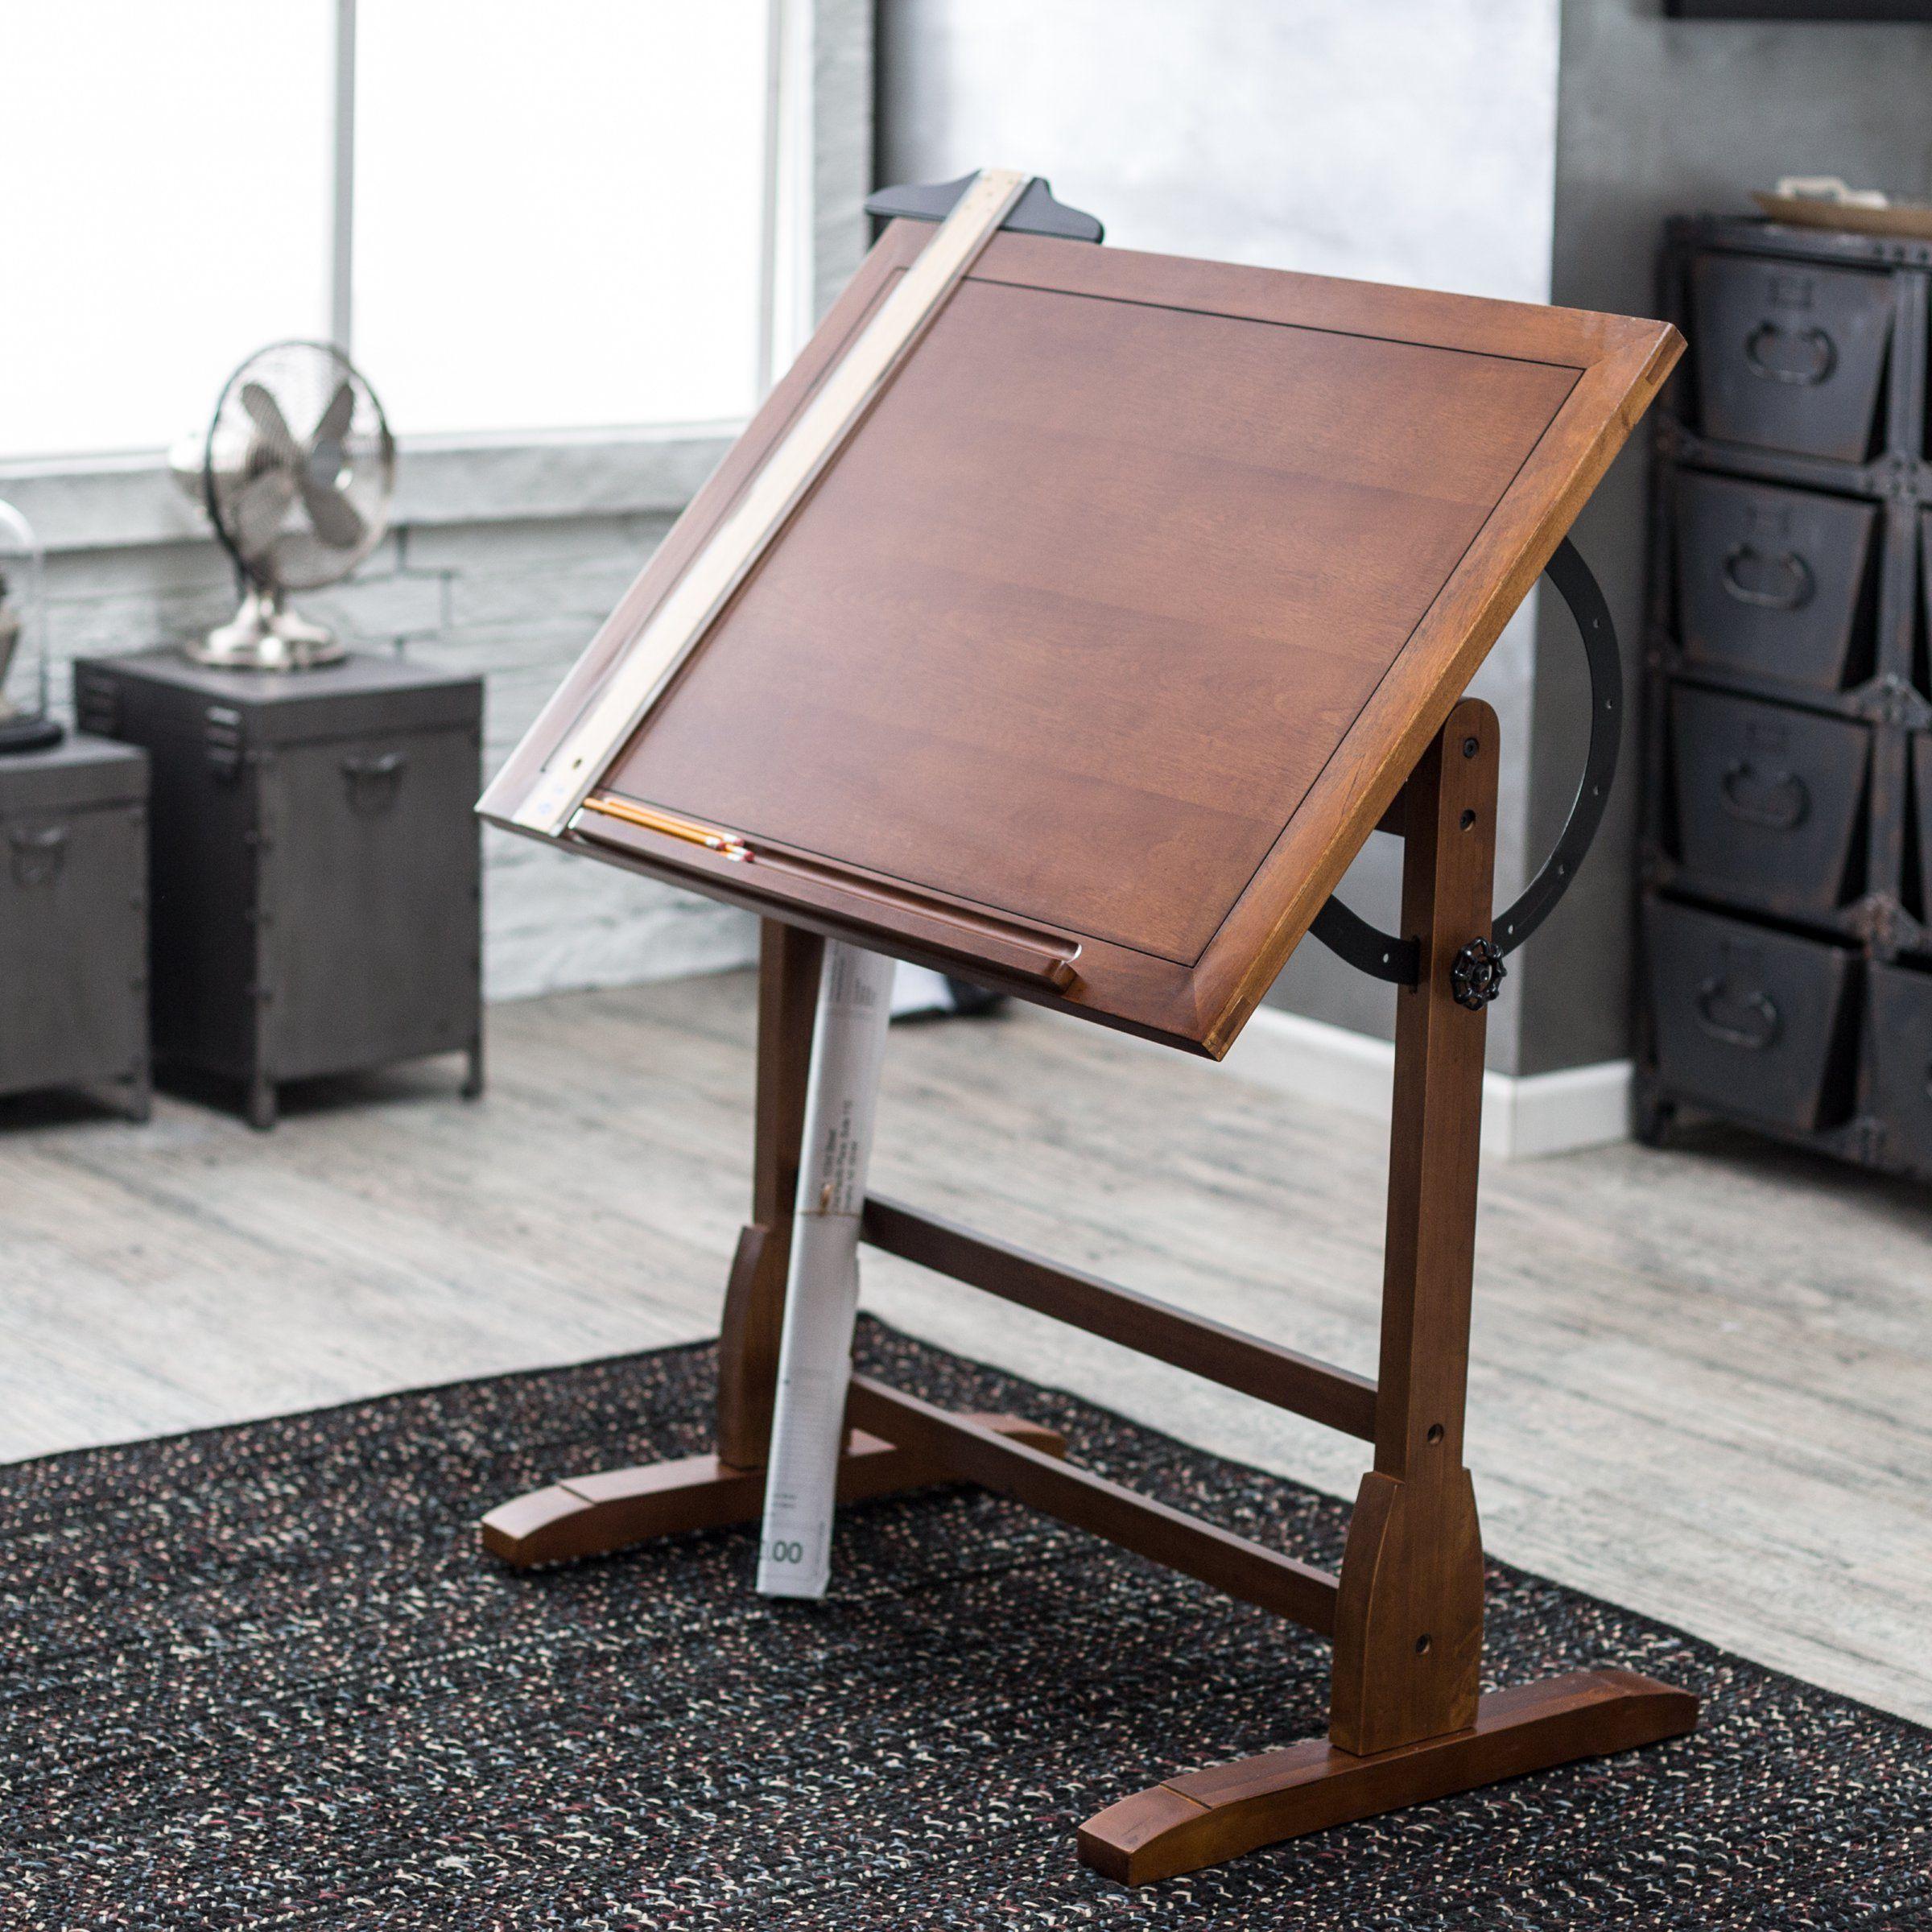 Studio Designs Vintage Drafting Table Rustic Oak Drafting